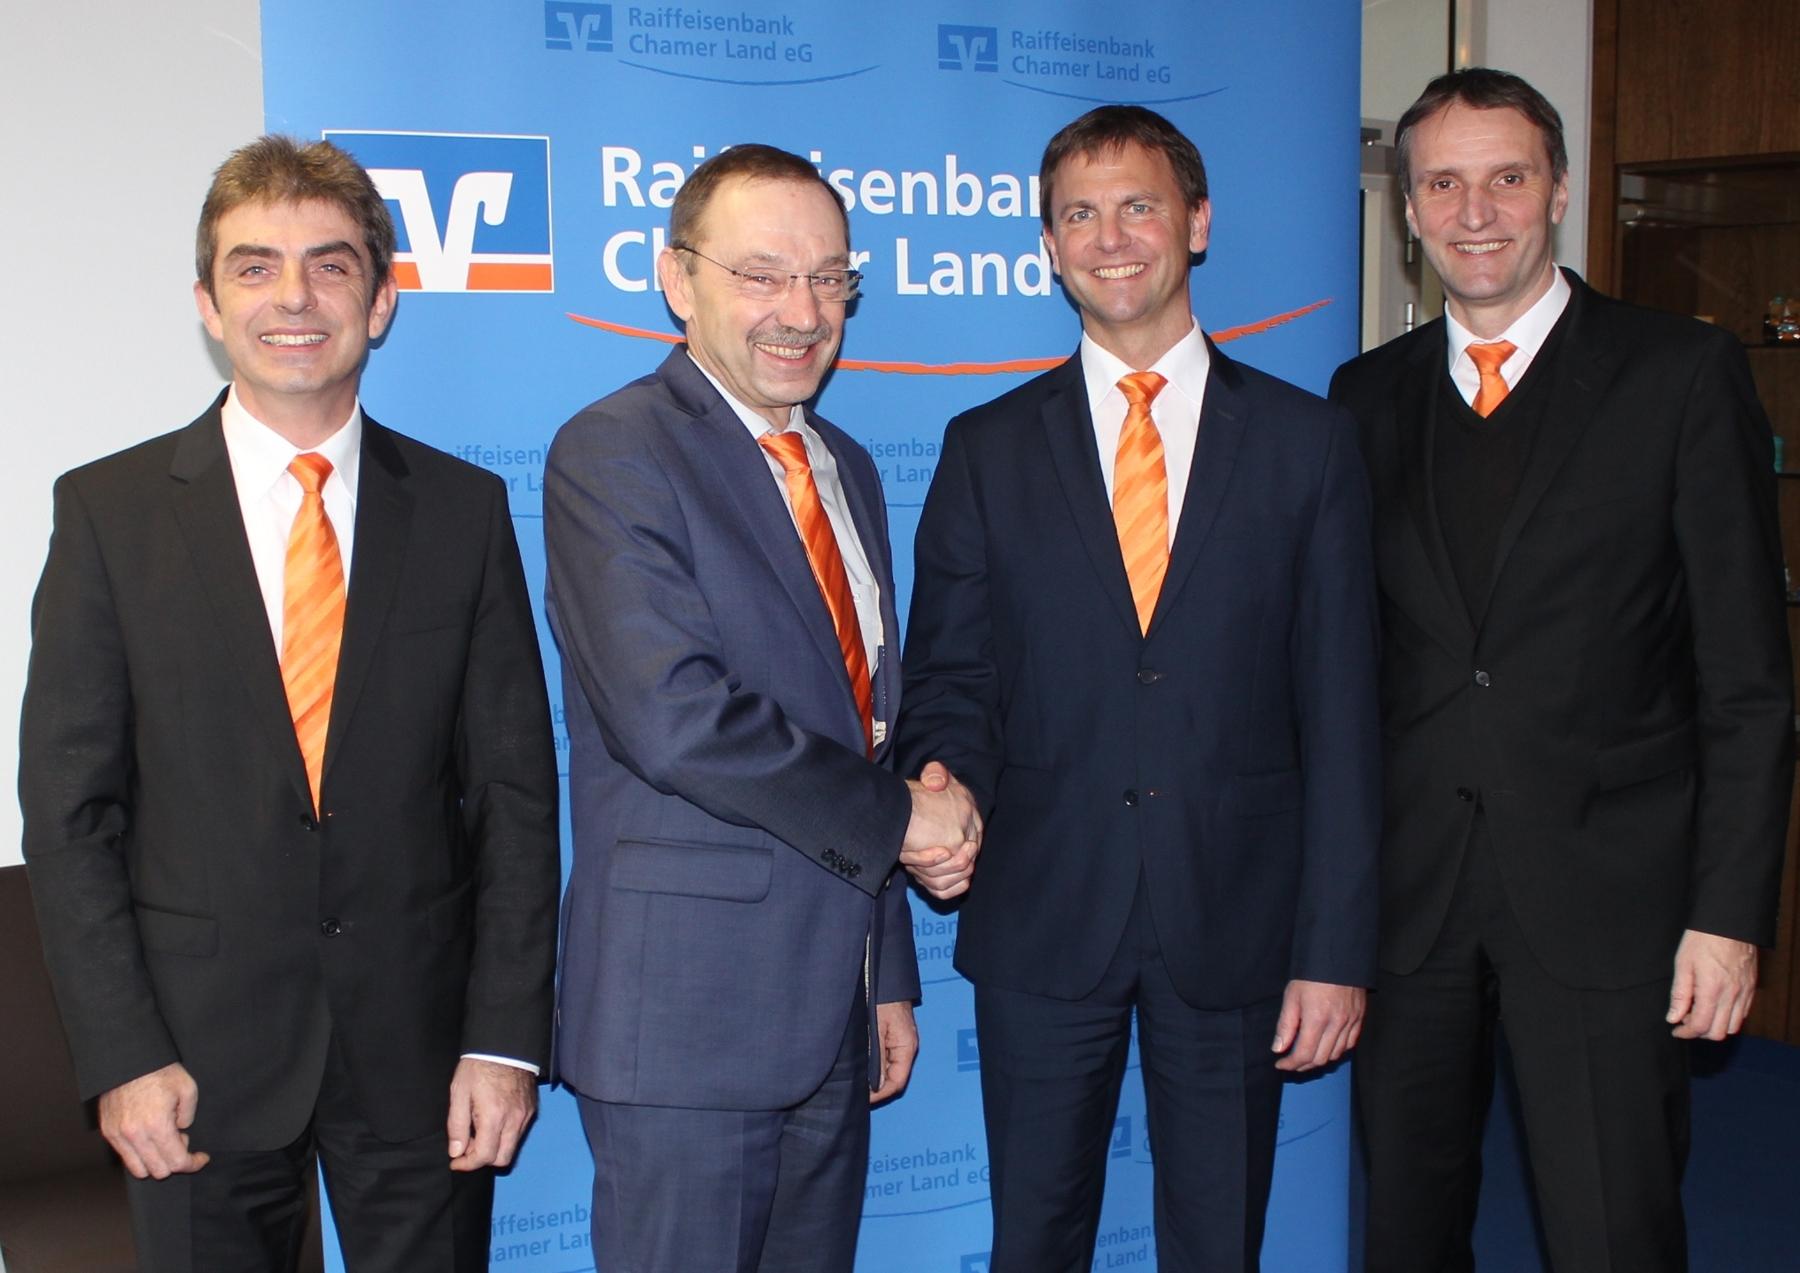 von links: Vorstand Reinhard Paulus, Regionadirektor Arthur Schiegl, Albert Luxi und Vorstand Thomas Koch